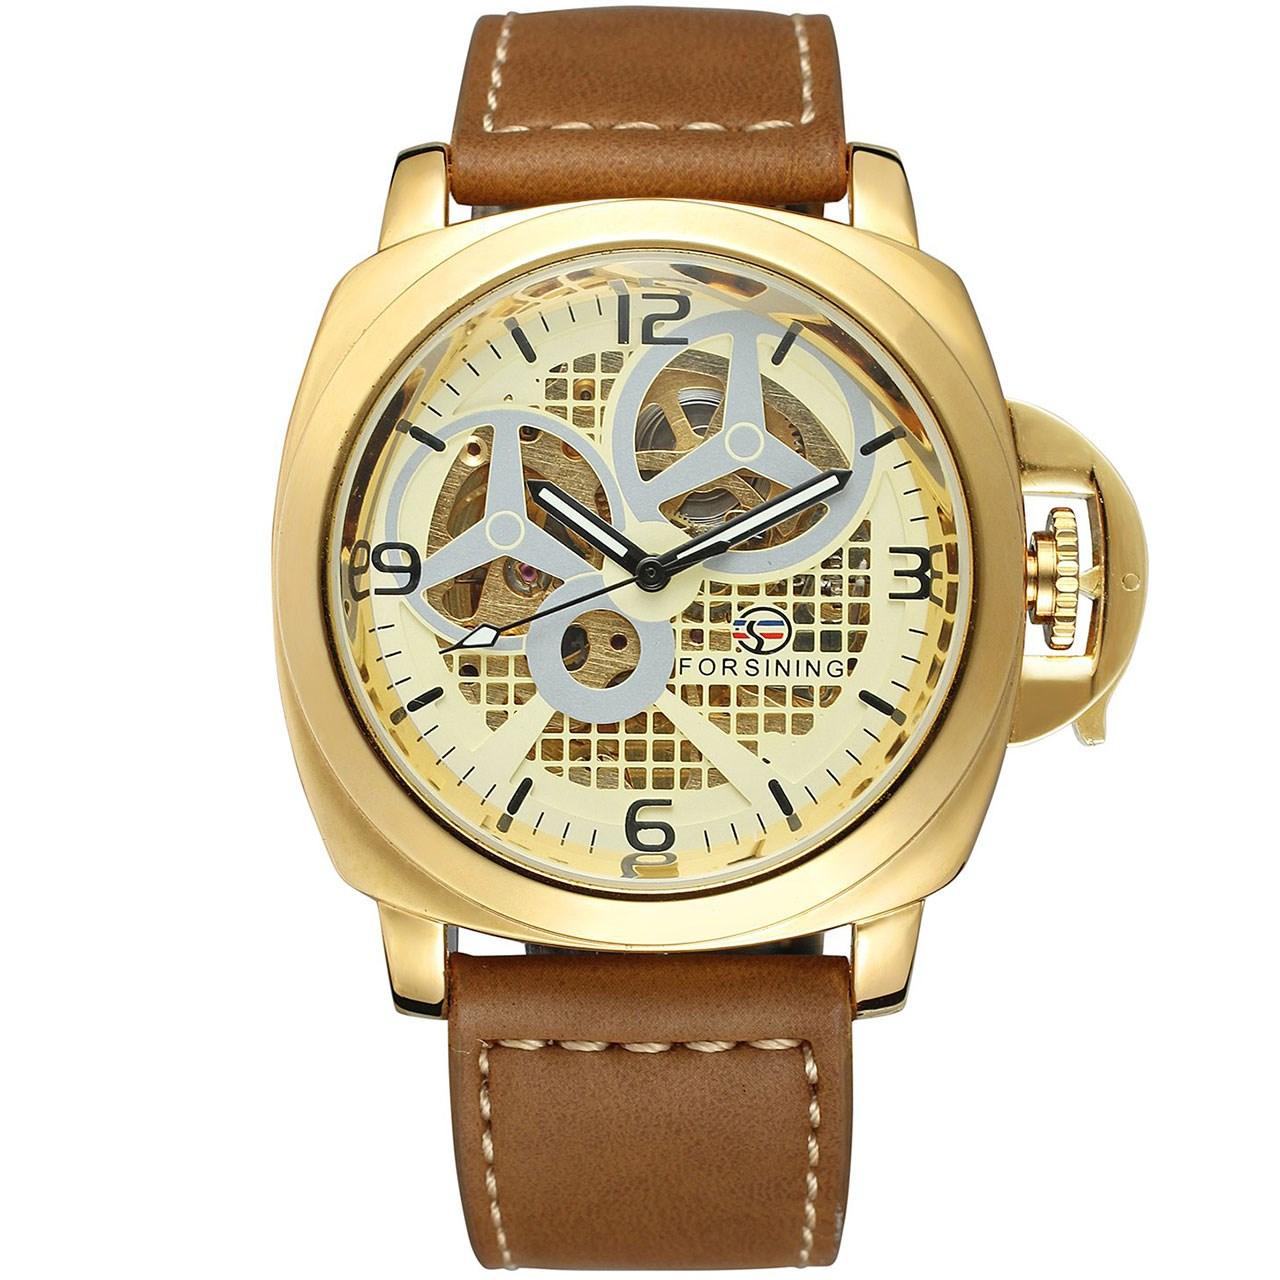 ساعت مچی عقربهای مردانه فورسنینگ مدل FSG8132M3G1 55